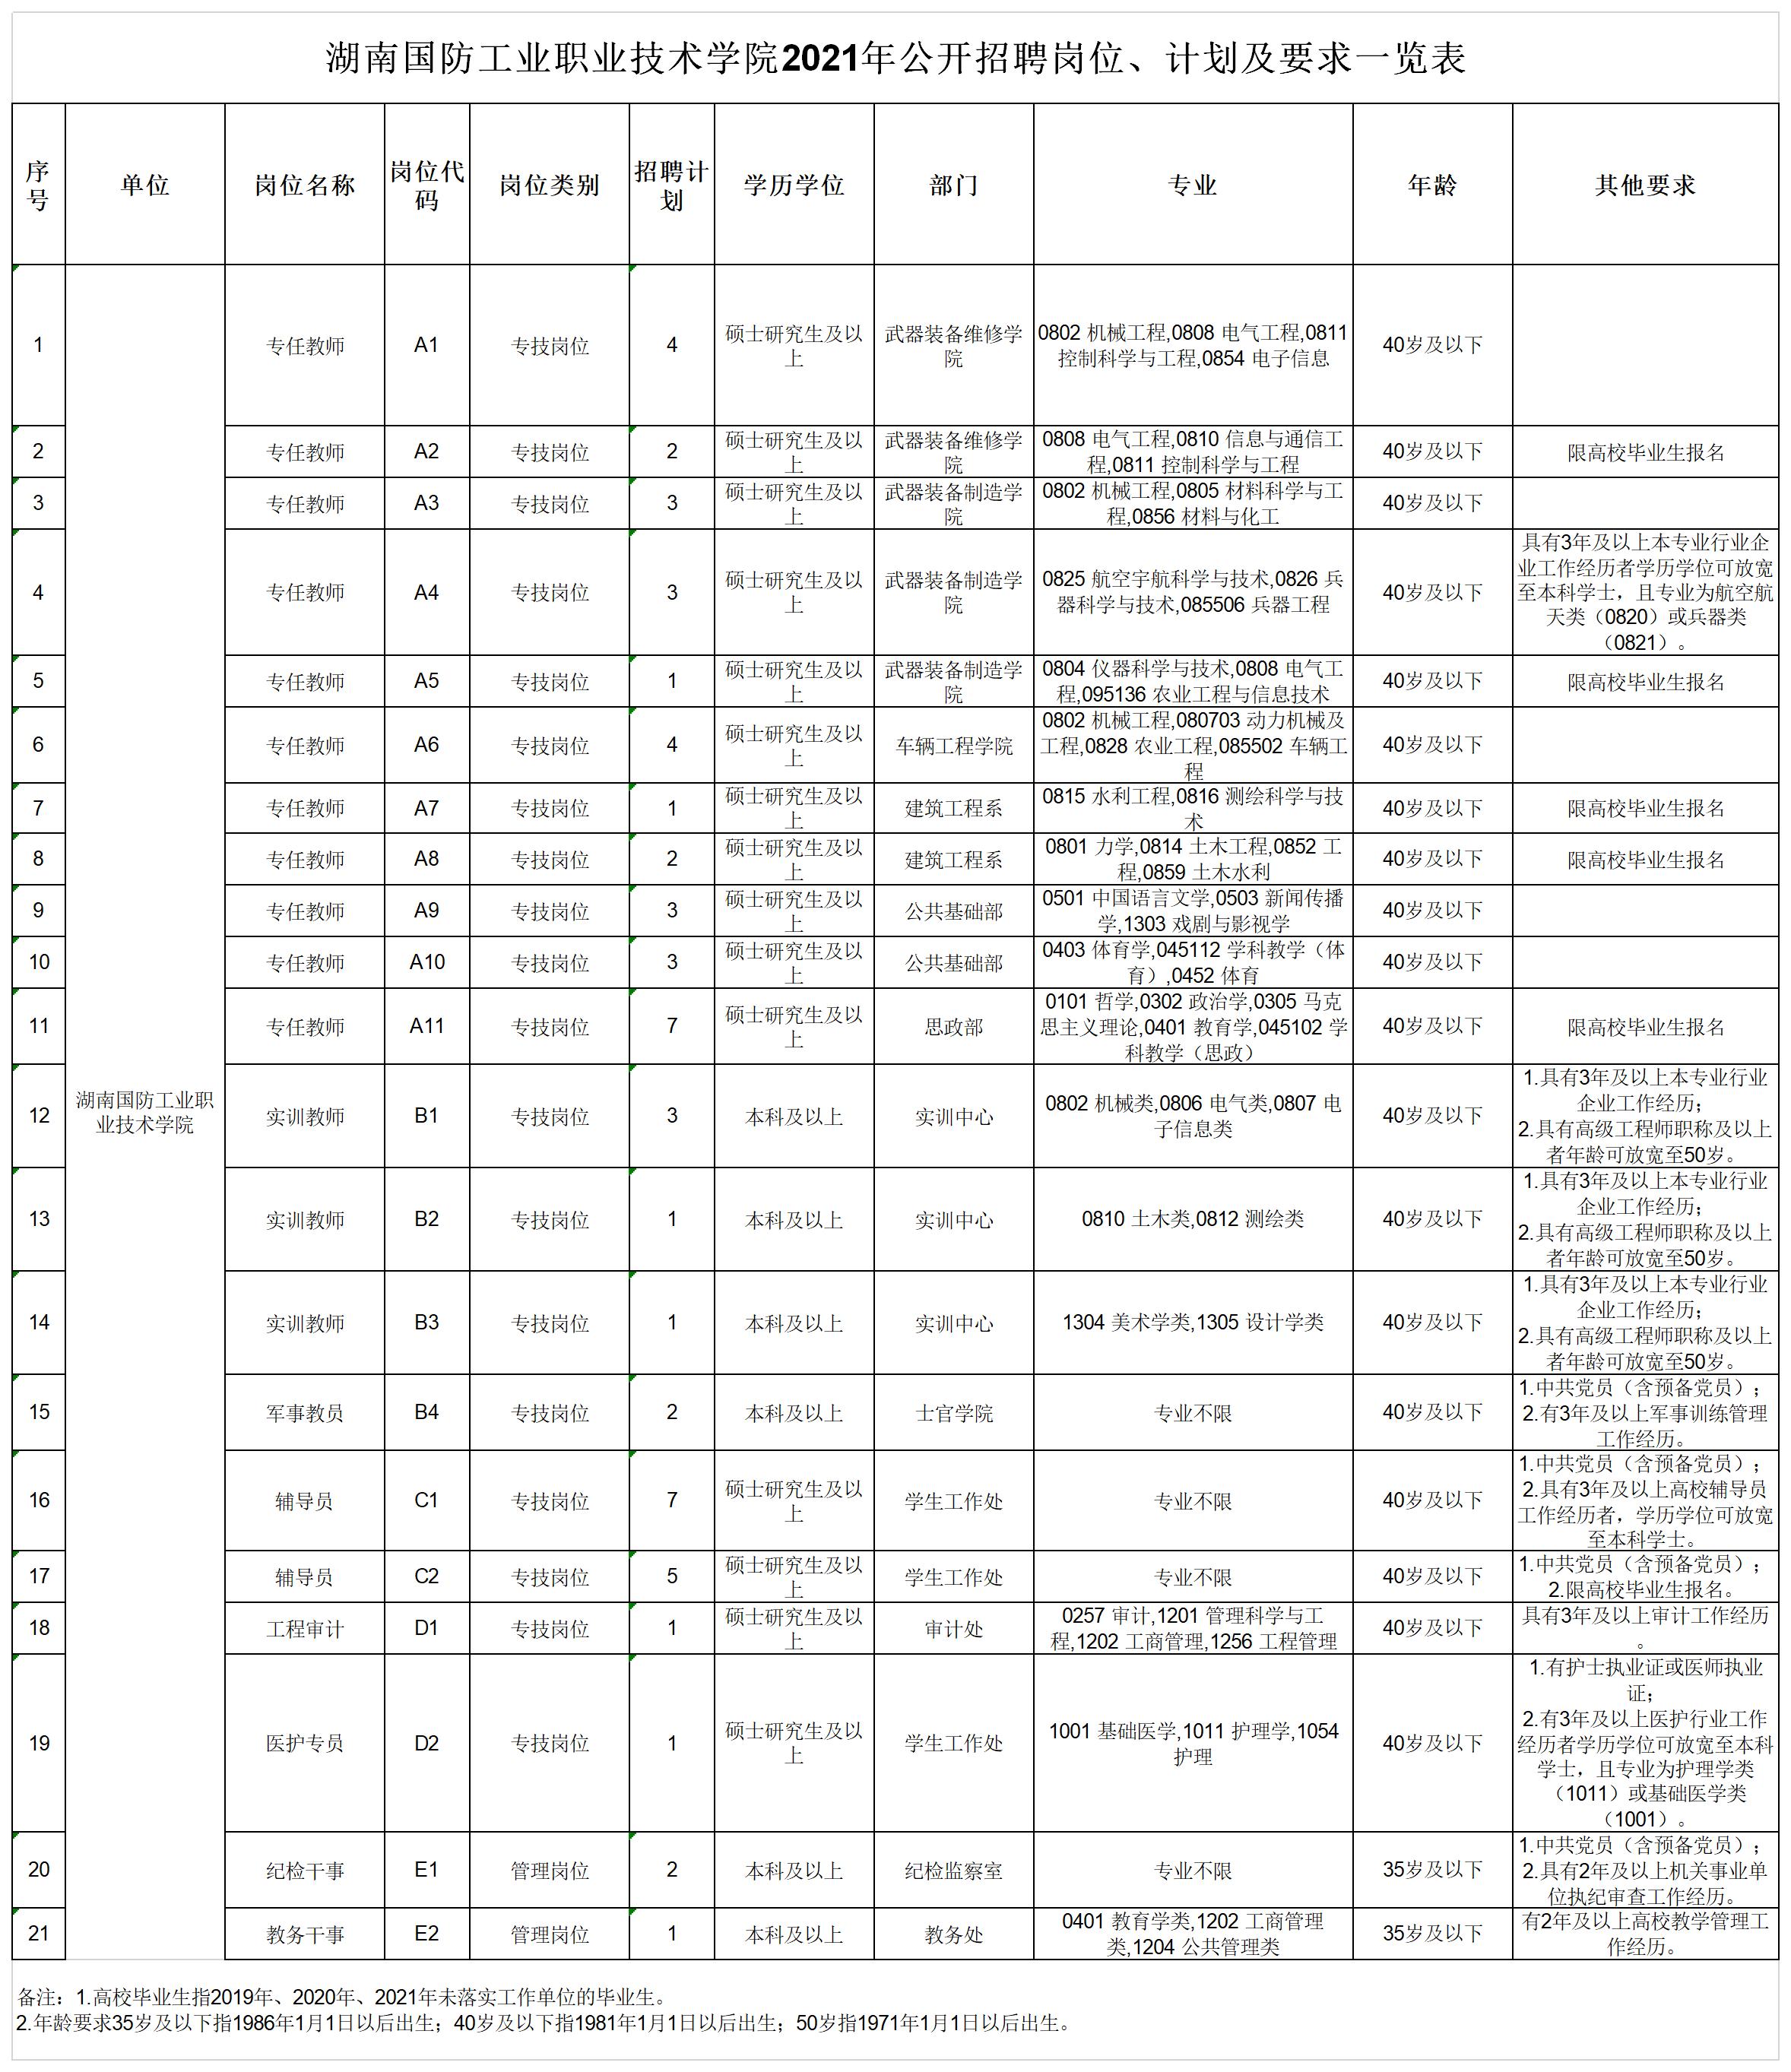 1.湖南国防工业职业技术学院2021年公开招聘岗位计划及要求一览表.png